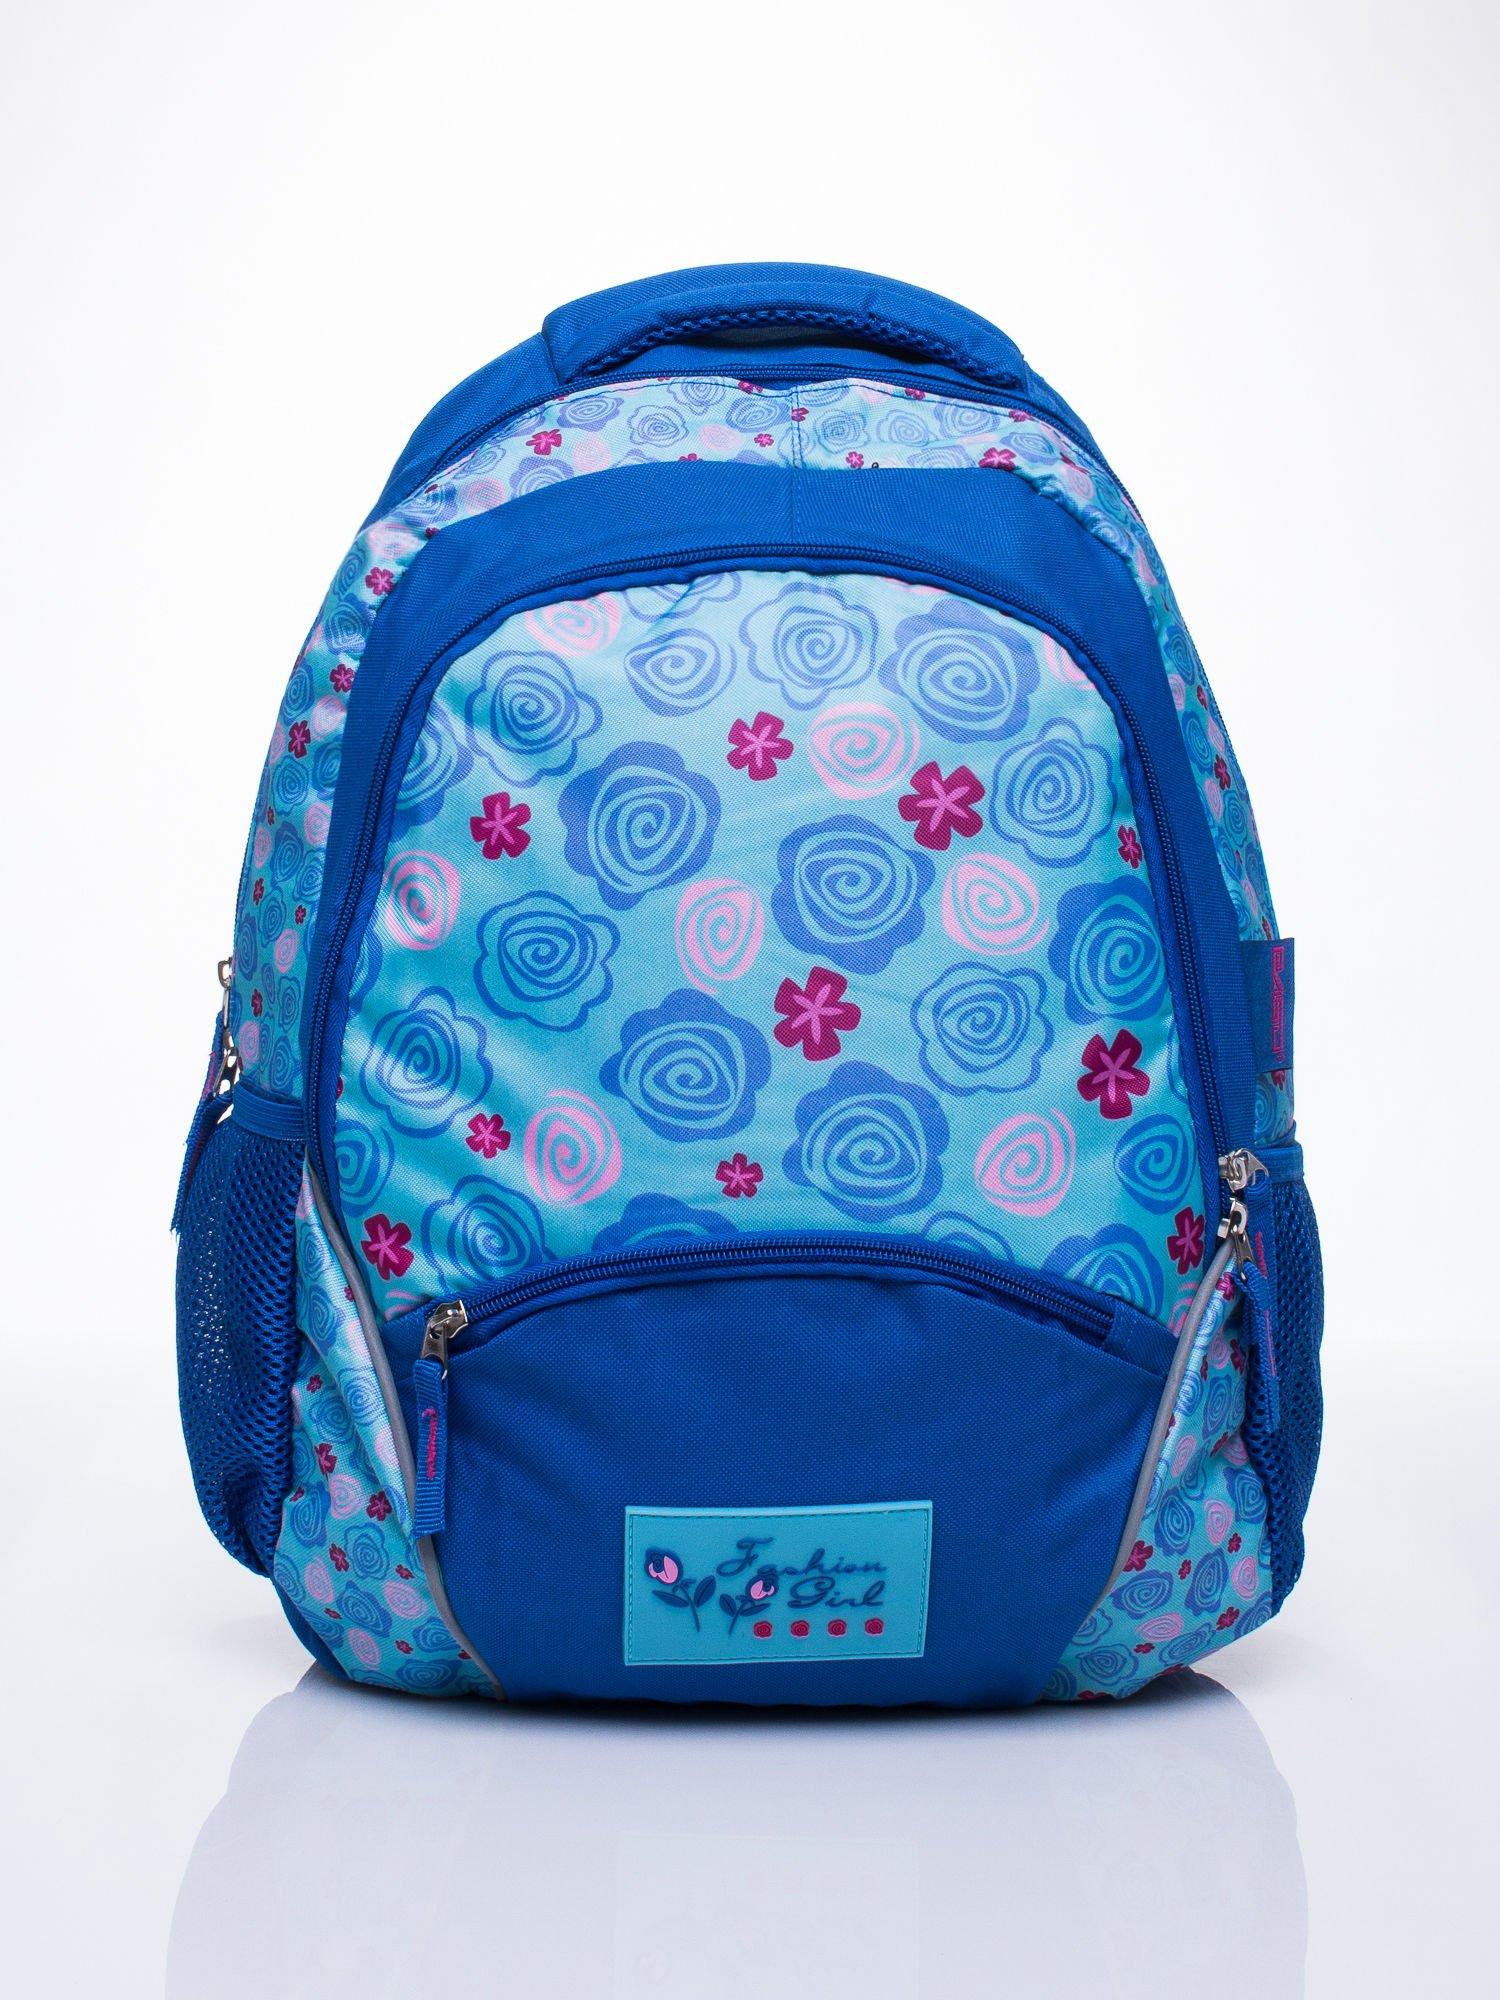 Niebieski plecak szkolny DISNEY w kwiatki                                  zdj.                                  1